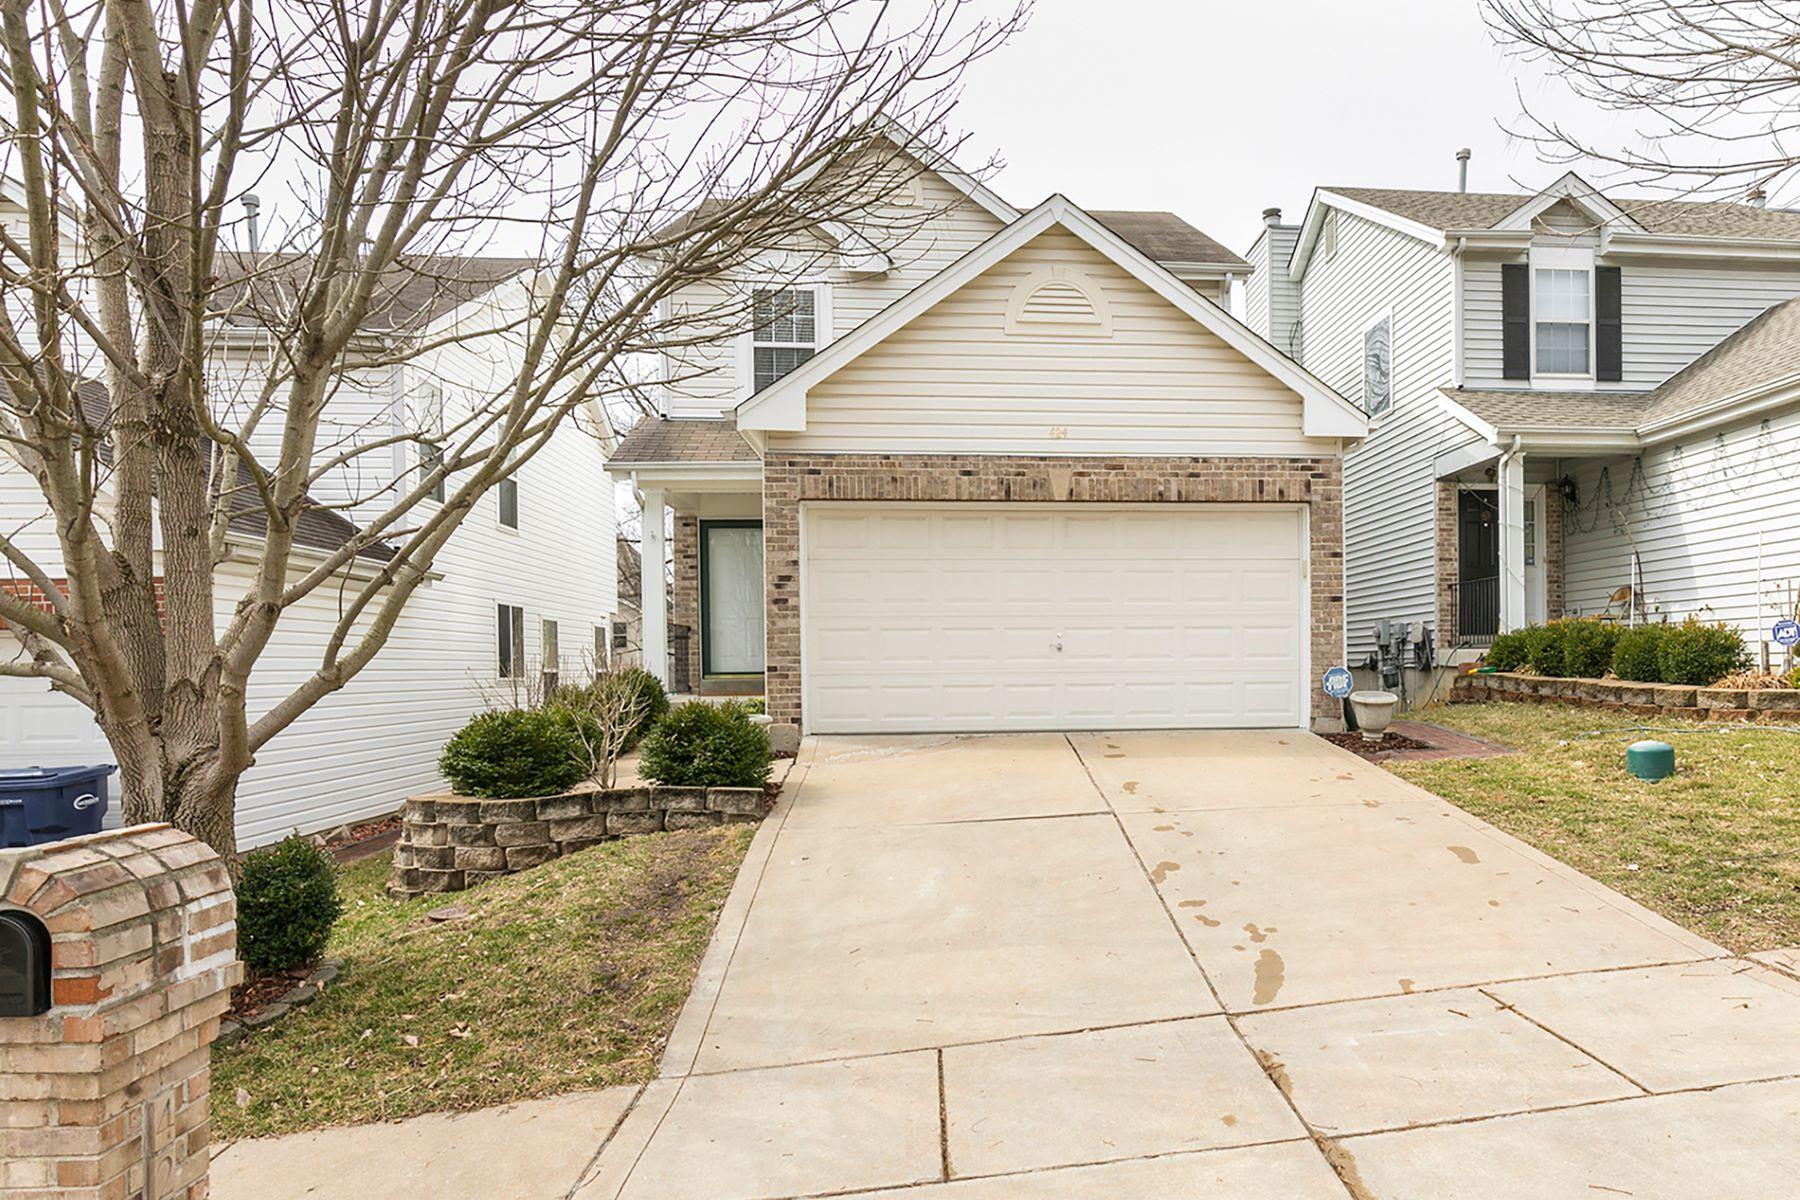 Casa Unifamiliar por un Venta en Summit Place 424 Summit Place Ct, Fenton, Missouri, 63026 Estados Unidos